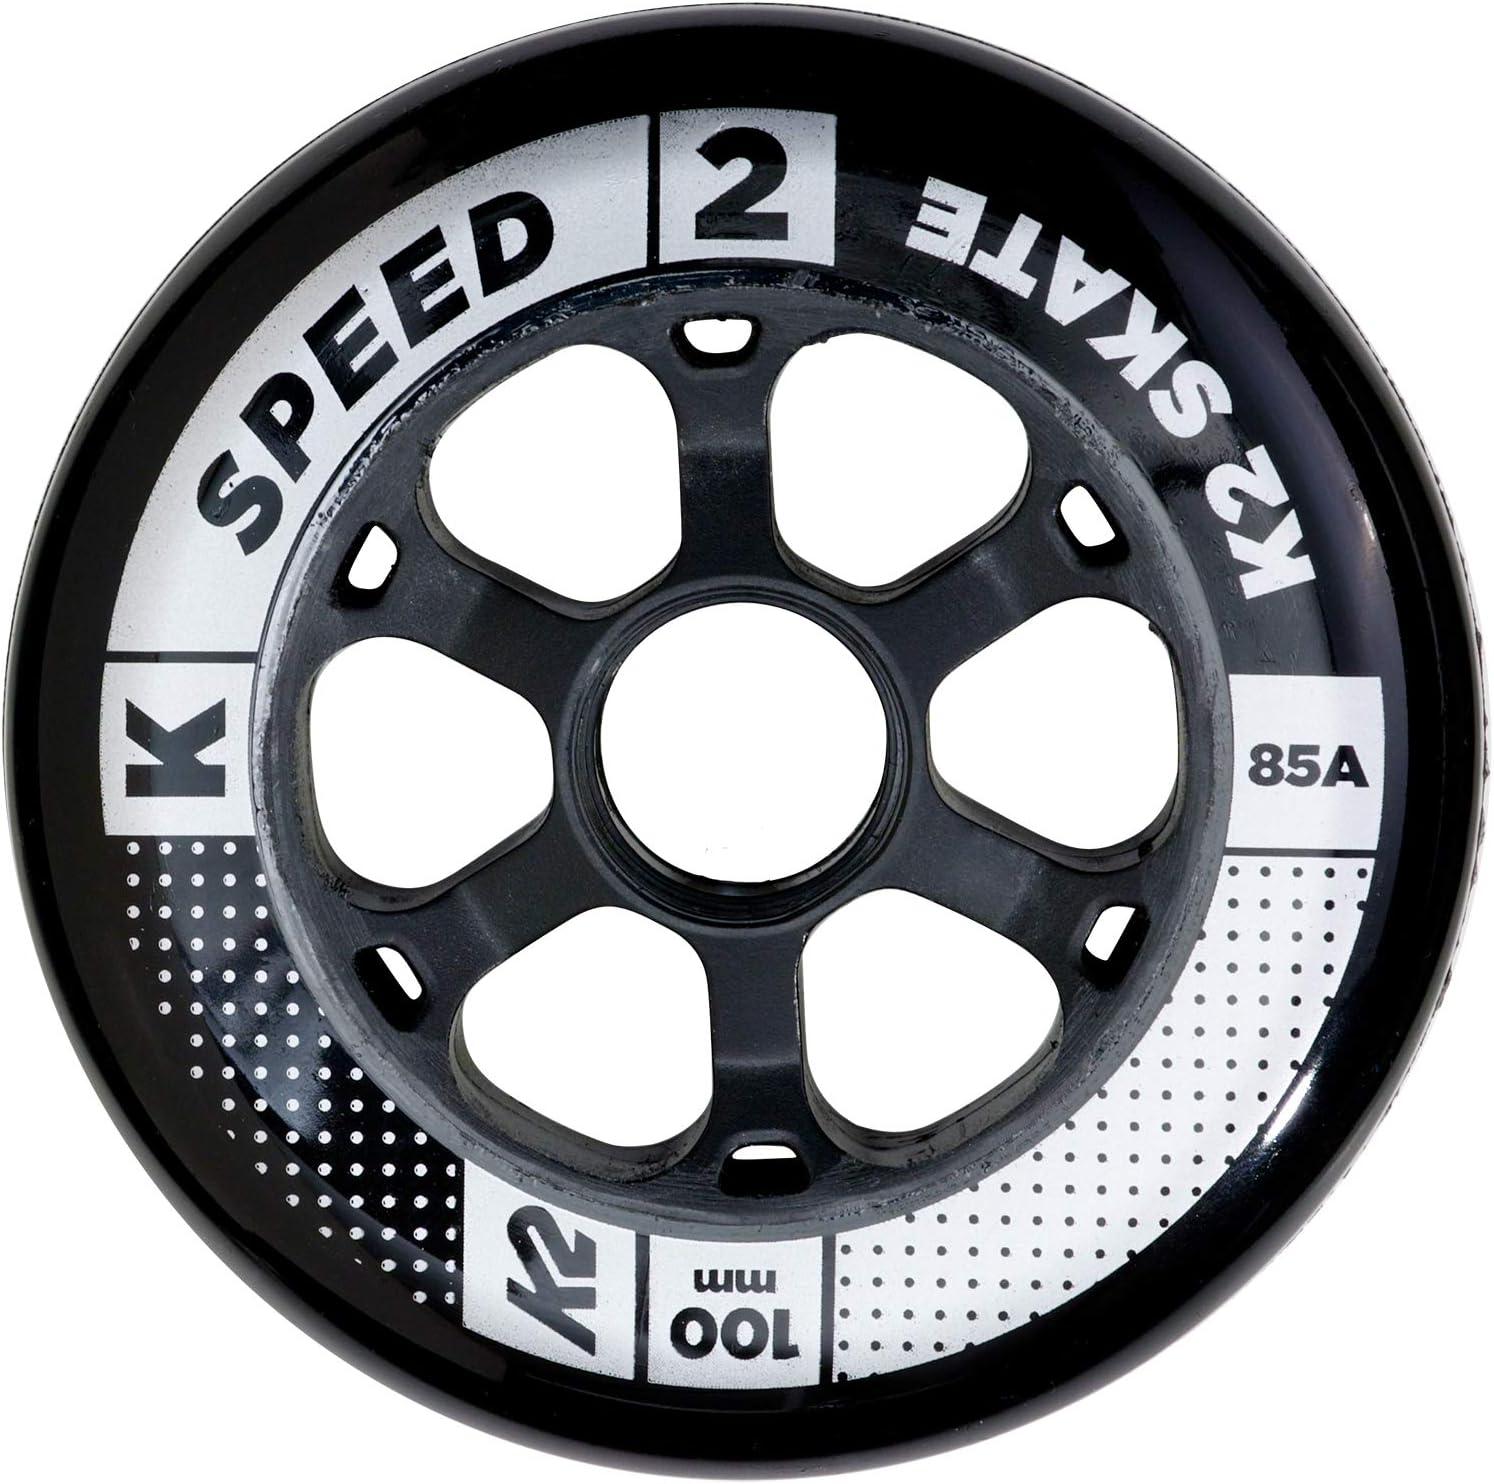 K2 SPEED Wheels 4-Pack 2019